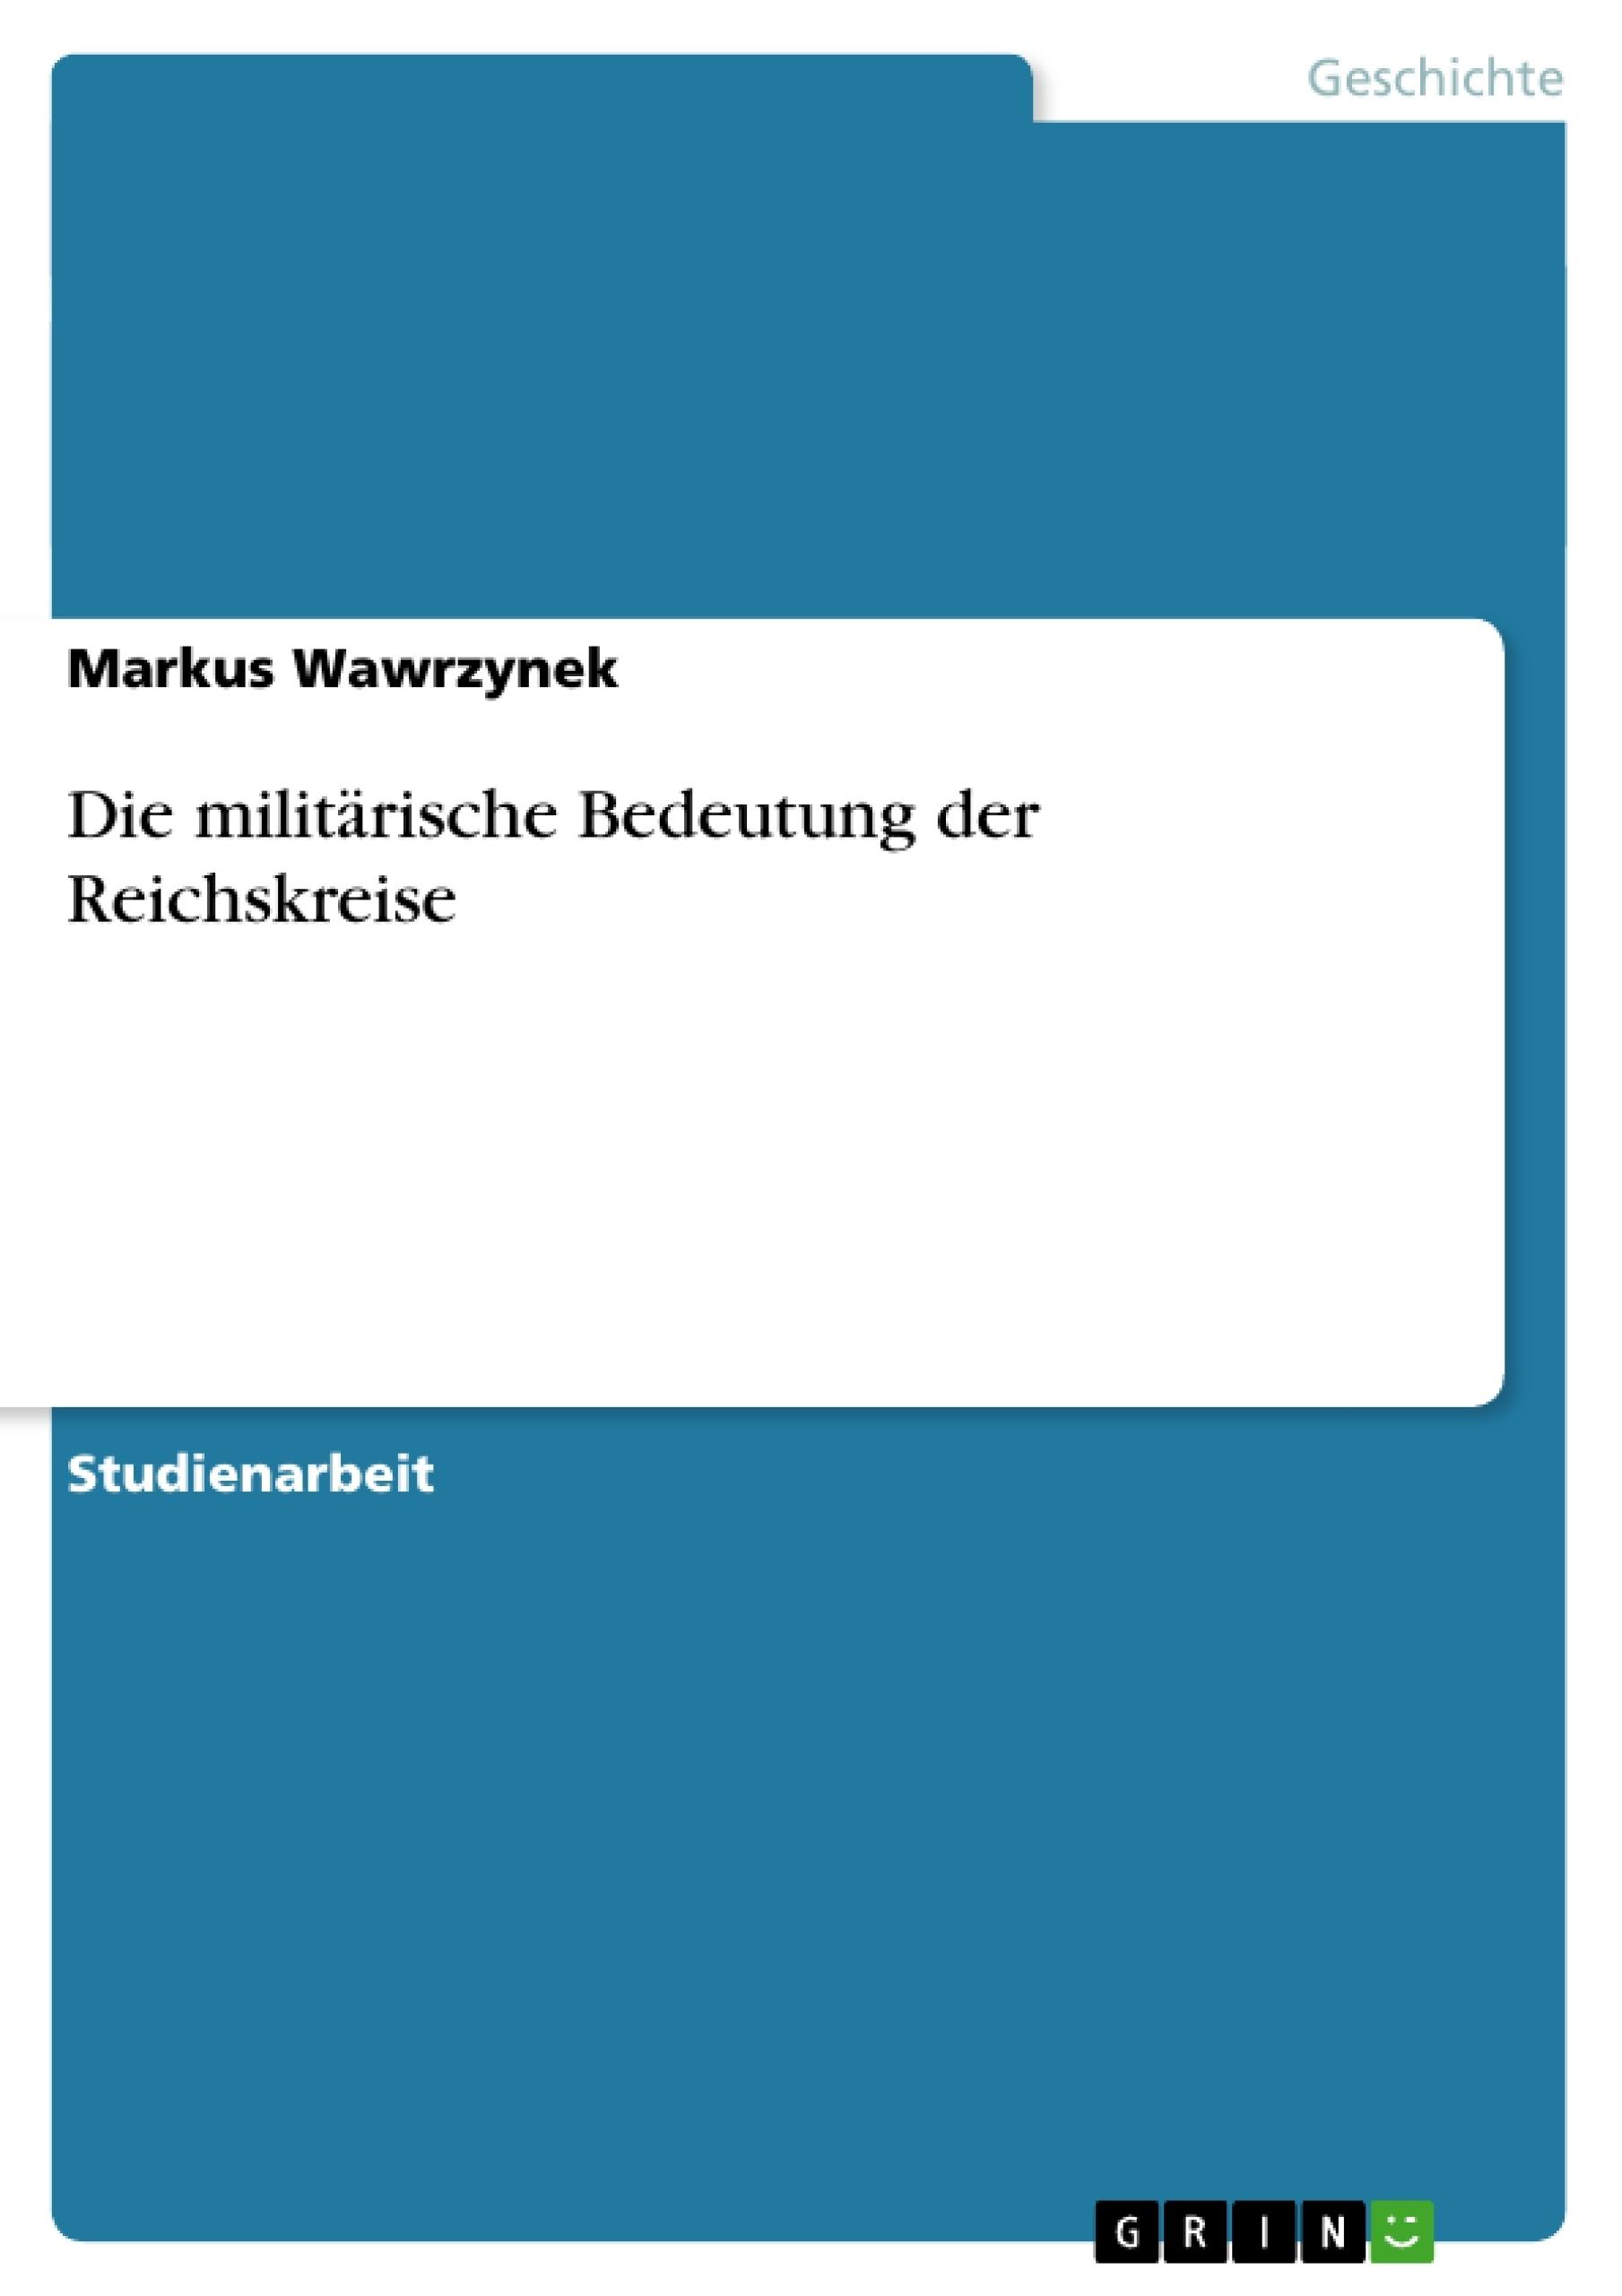 Titel: Die militärische Bedeutung der Reichskreise